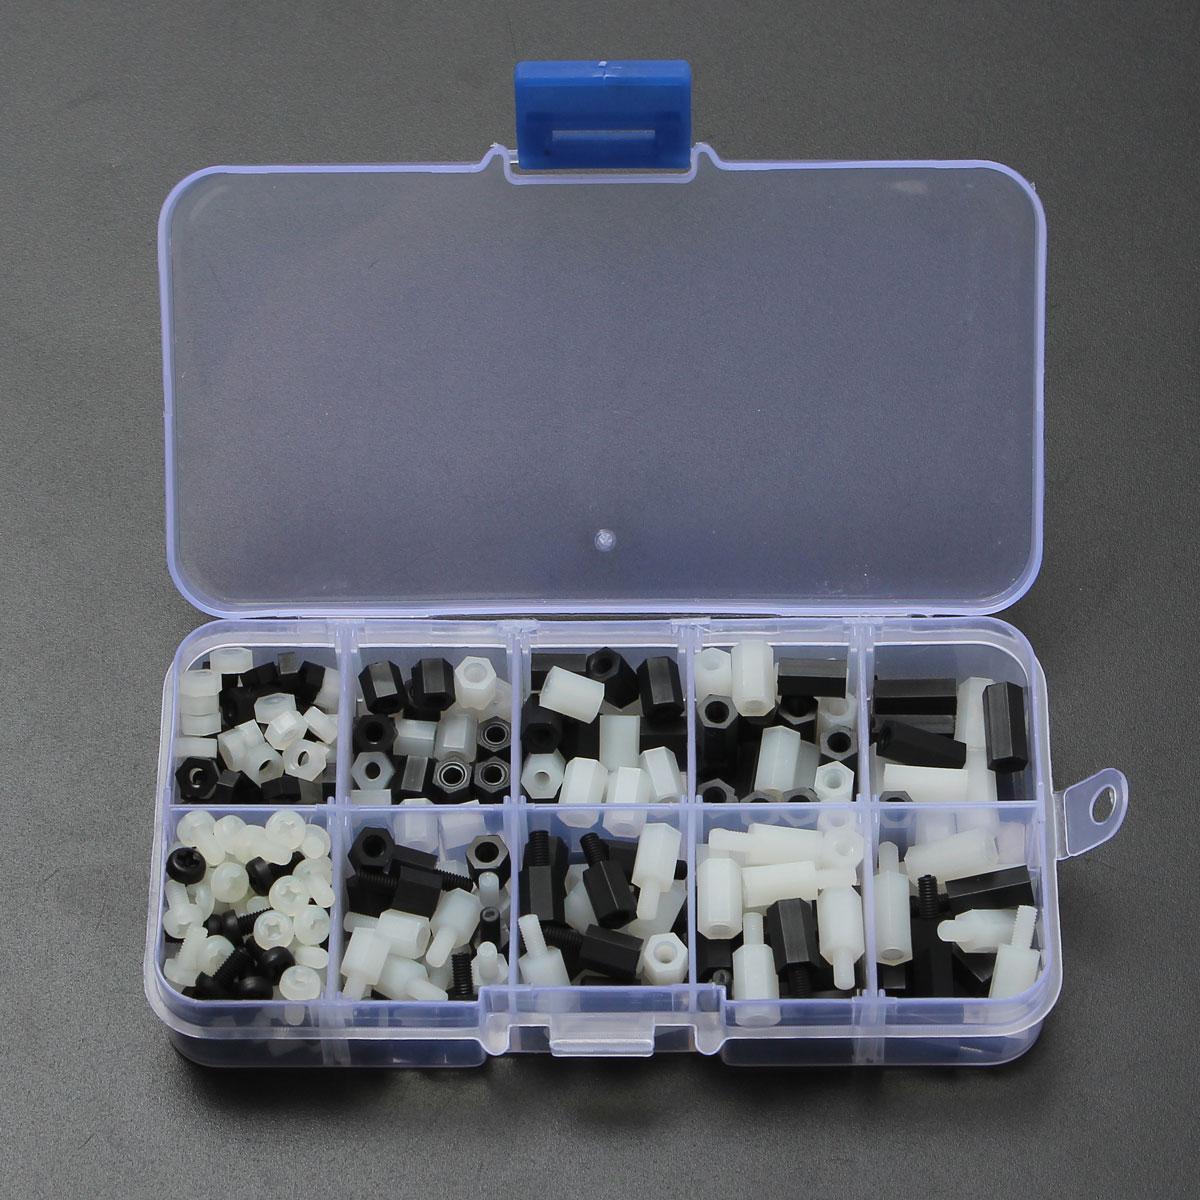 300 Pz/set M3 Nylon Hex Spacer Vite Dado Kit Separatore Stand Off Standoff Set PCB Nero Bianco di Fissaggio Hardware Affidabile